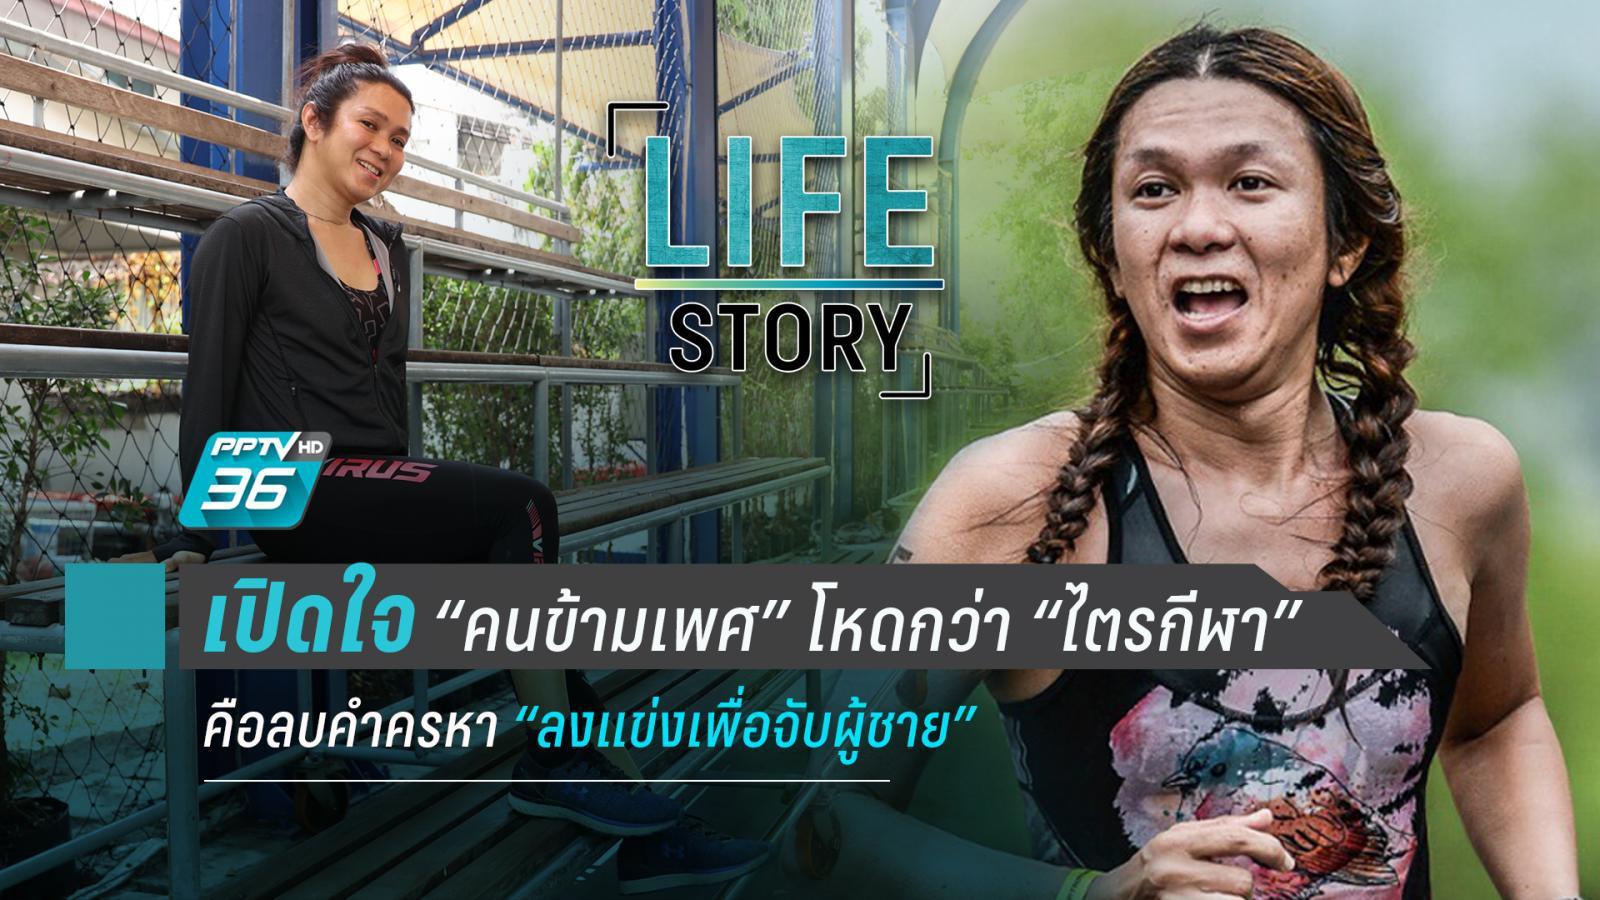 """""""แจ็คกี้"""" นักไตรกีฬาข้ามเพศคนแรกของประเทศไทยบทพิสูจน์ """"ฉันไม่ได้มาล่าแต้มผู้"""""""